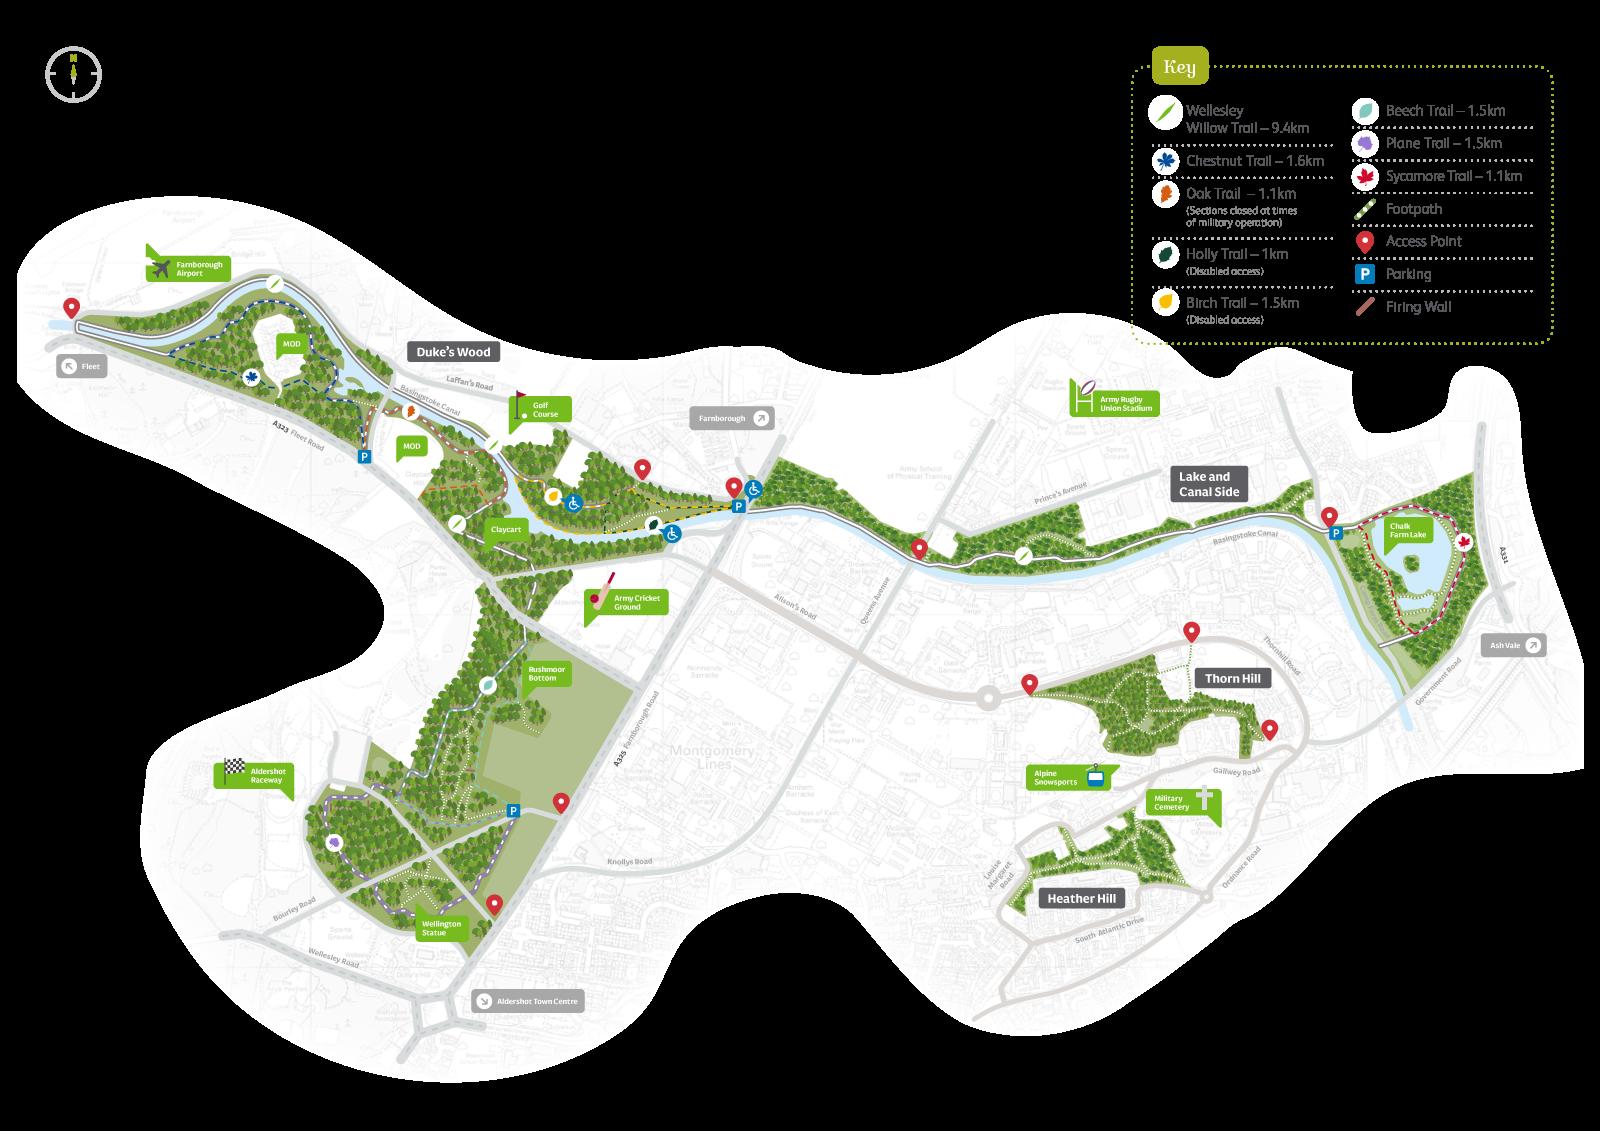 Wellesley Woodlands map